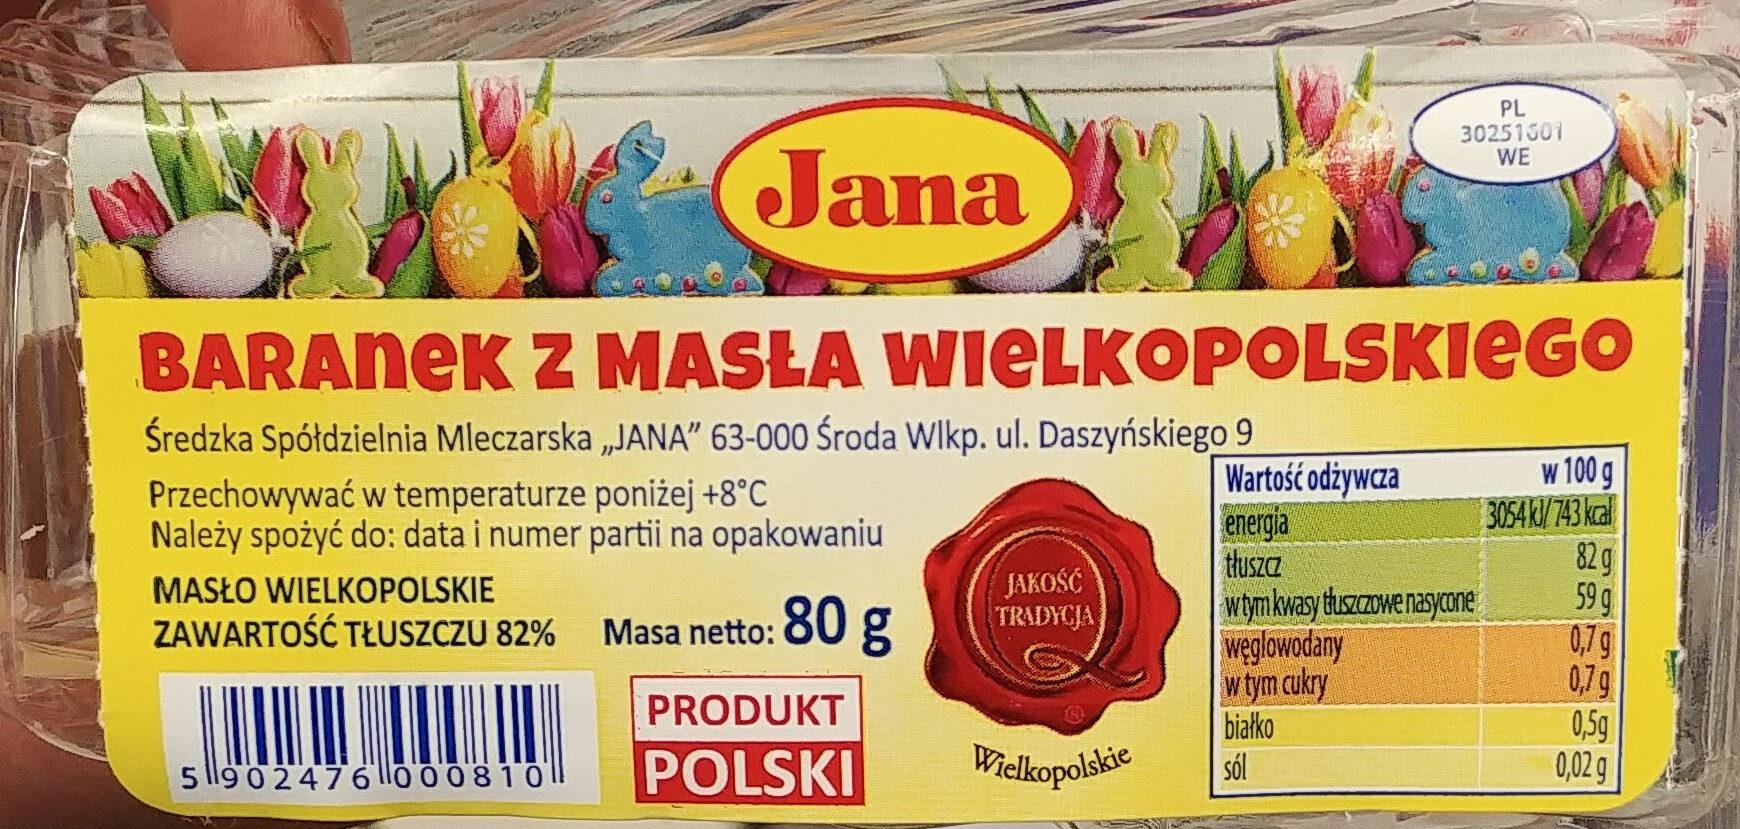 Baranek z masła wielkopolskiego - Product - pl